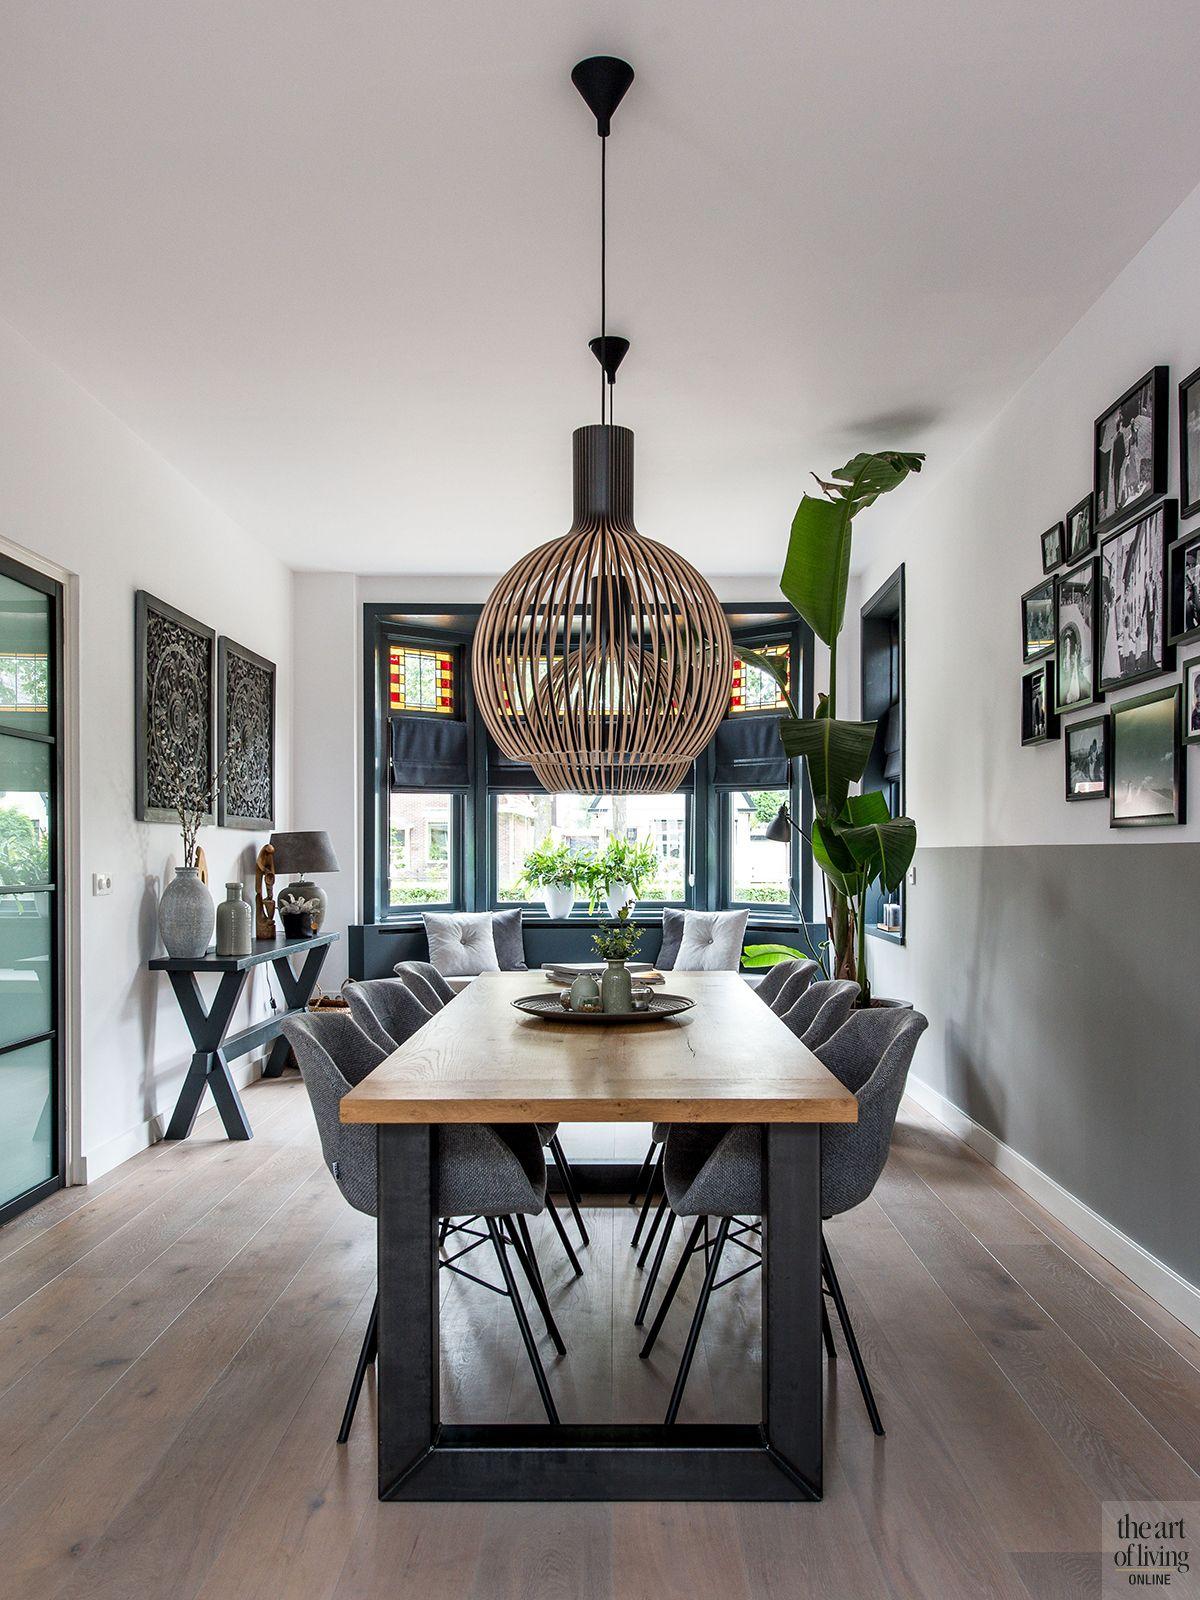 Photo of Modern interieur met erker woonkamer